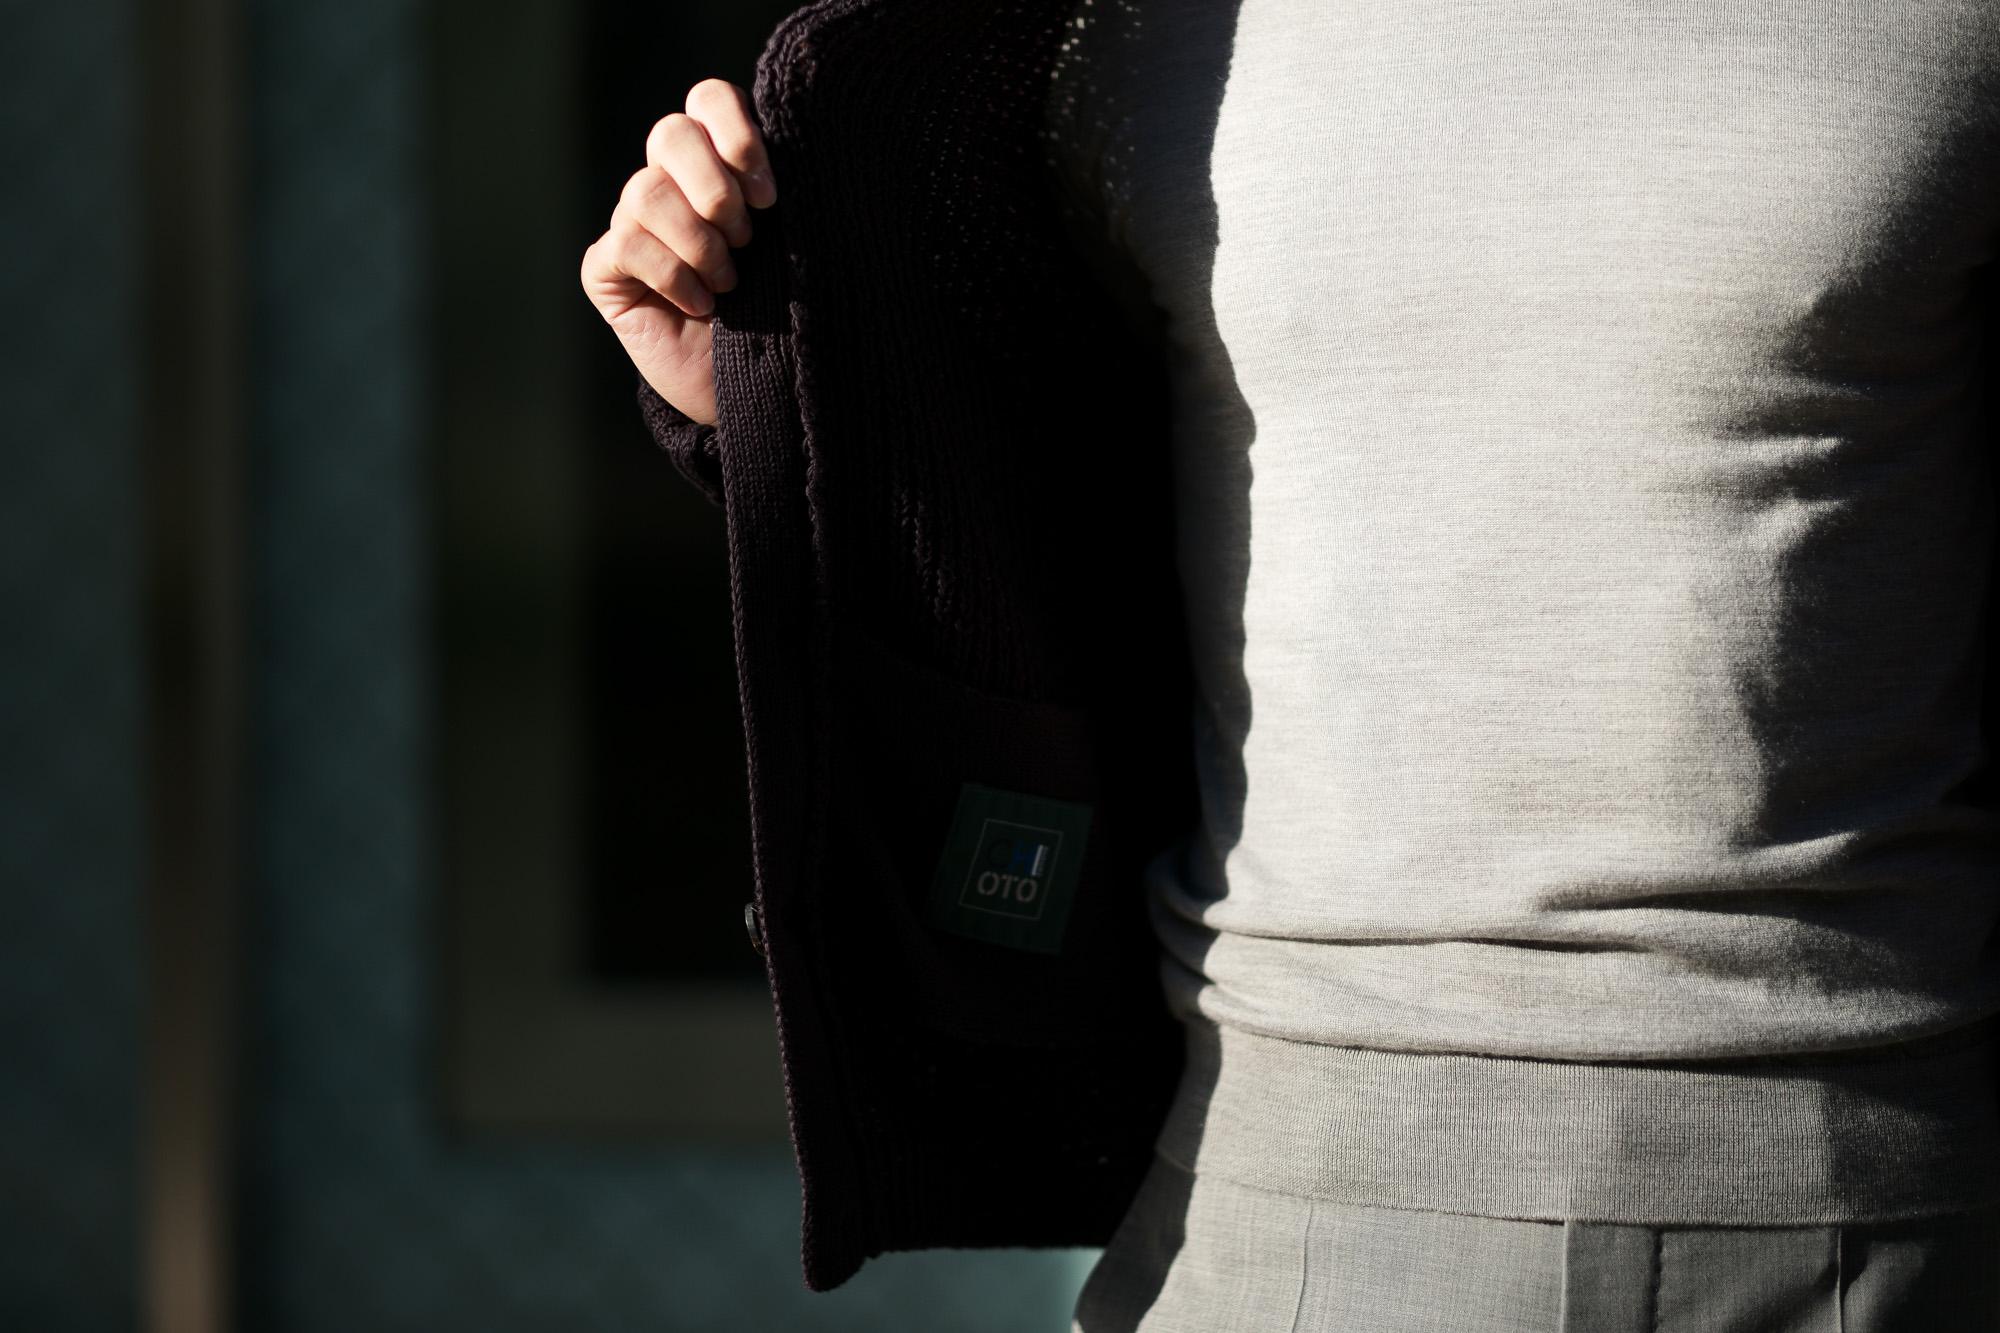 ZANONE (ザノーネ) CHIOTO Kyoto (キョウト) コットンミドルゲージニット カーディガン ジャケット NAVY (ネイビー・Z1222) made in italy (イタリア製) 2019 春夏新作 愛知 名古屋 alto e diritto アルトエデリット ニットジャケット